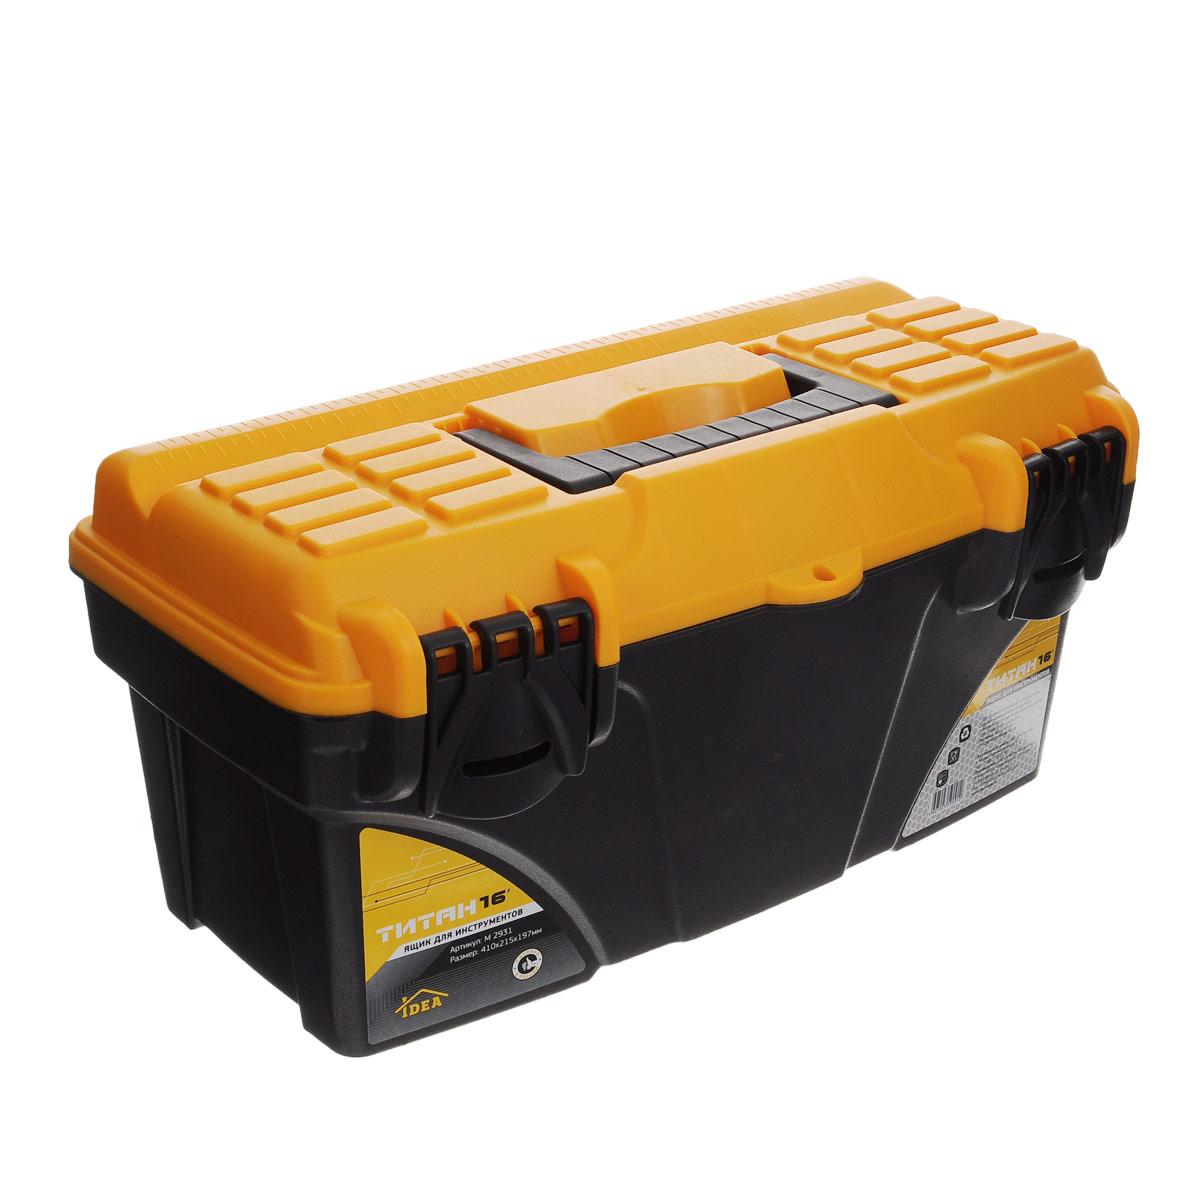 Ящик для инструментов Idea Титан 16, 41 х 21,5 х 19,7 смМ 2931Ящик Idea Титан 16 изготовлен из прочного пластика и предназначен для хранения и переноски инструментов. Вместительный ящик внутри имеет большое главное отделение. В комплект входит съемный лоток с ручкой для инструментов. Для более комфортного переноса в руках, на крышке предусмотрена удобная ручка. Крышка оснащена линейкой. Ящик закрывается при помощи двух защелок, которые не допускают случайного открывания. Размер лотка: 39 см х 17 см х 5,5 см.